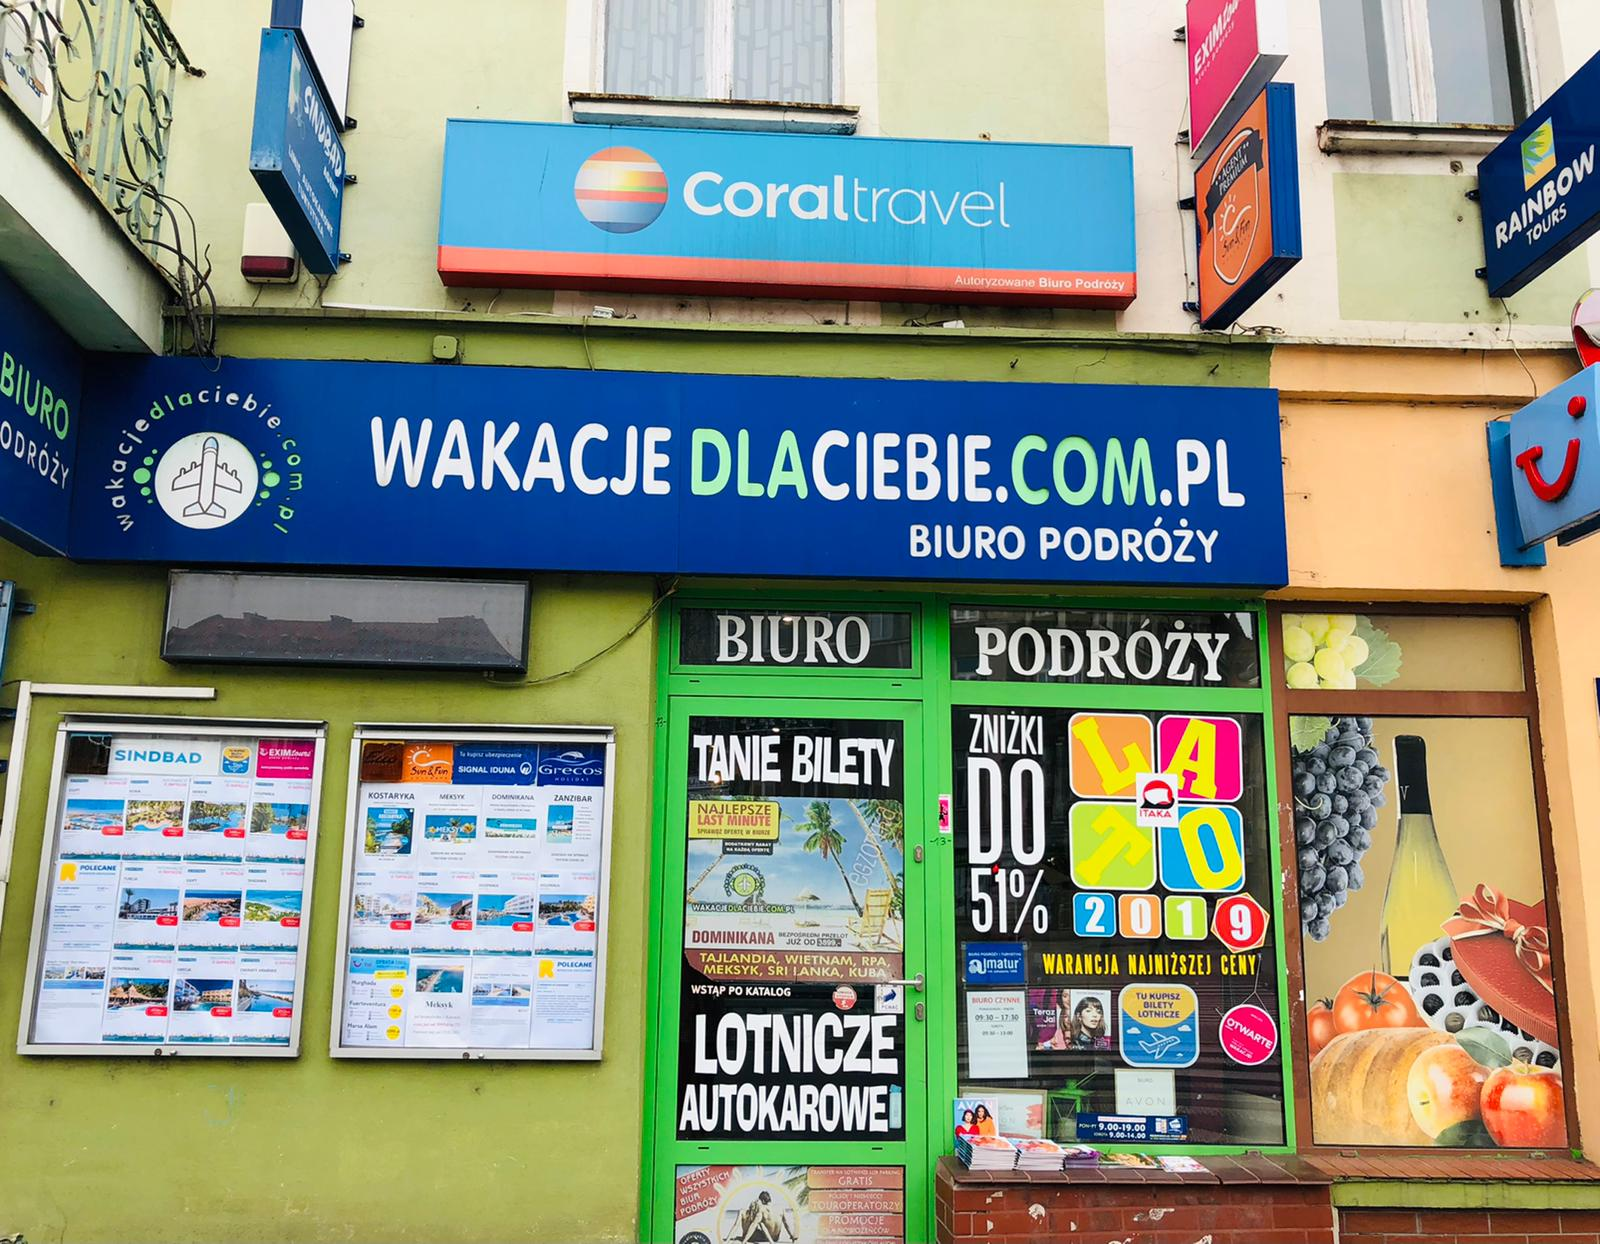 WAKACJEDLACIEBIE.COM.PL